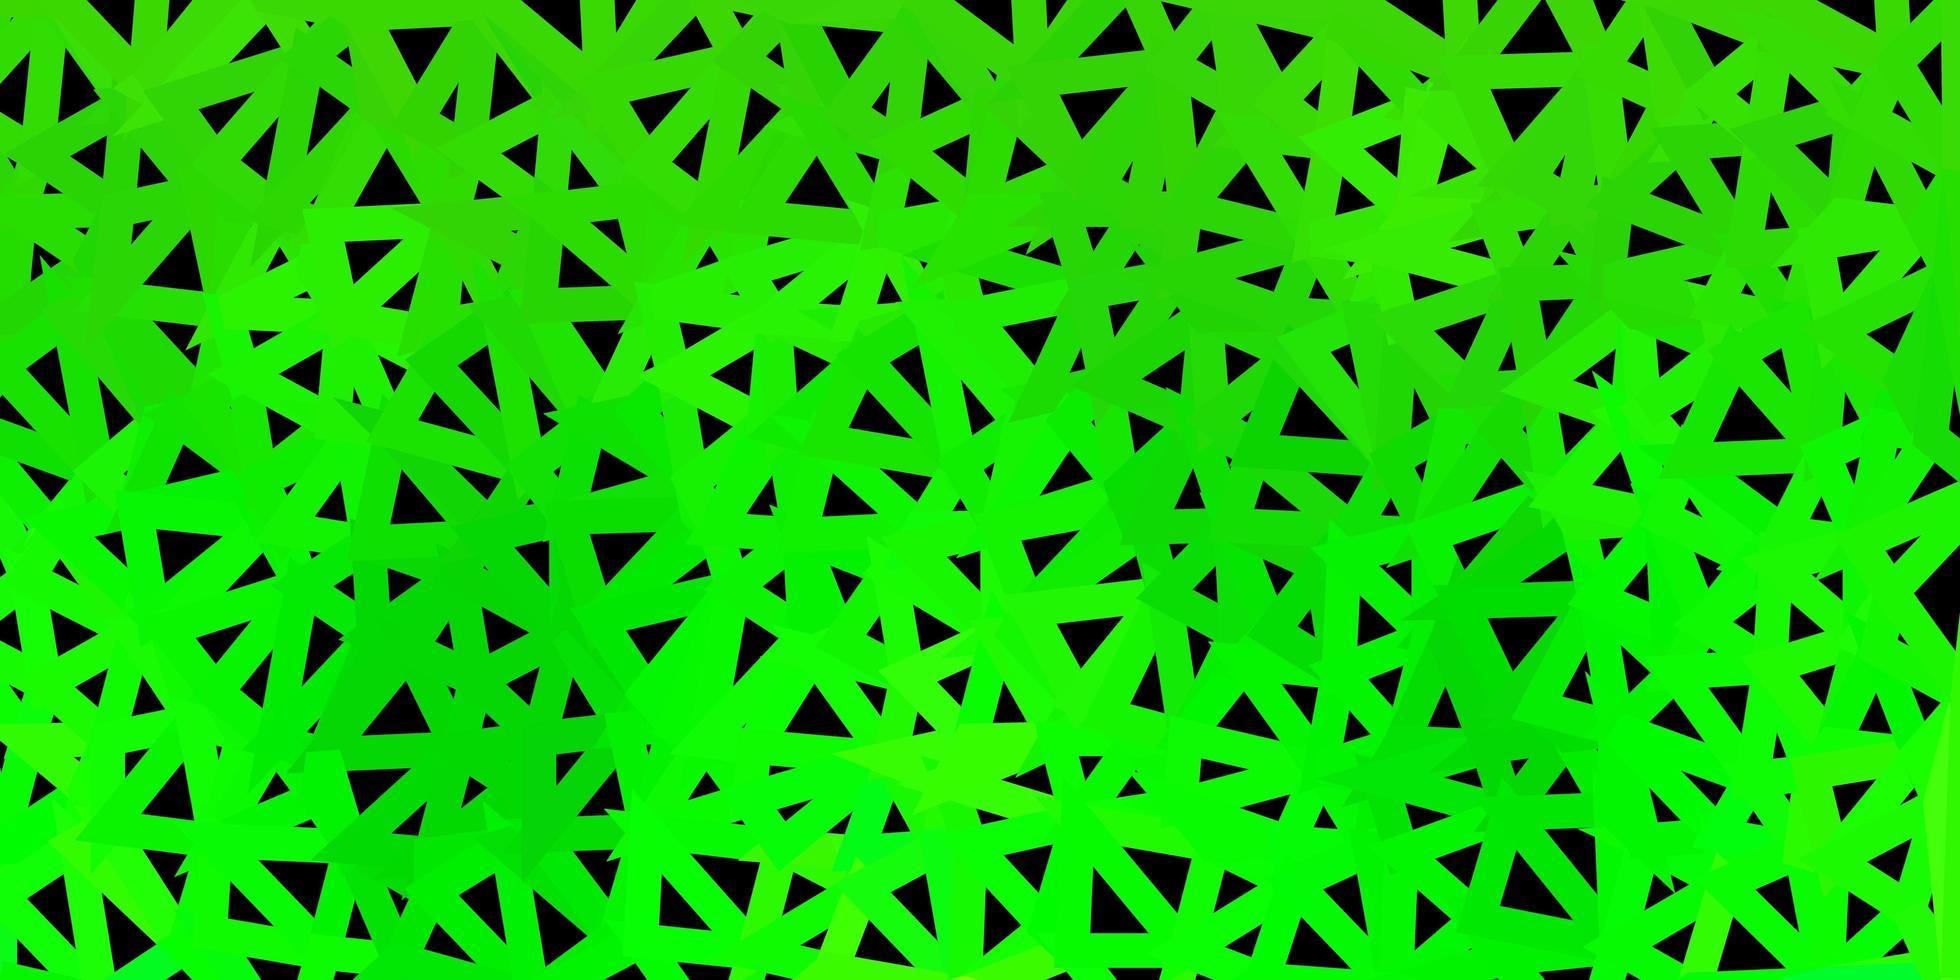 donkergroen vector abstract driehoekspatroon.